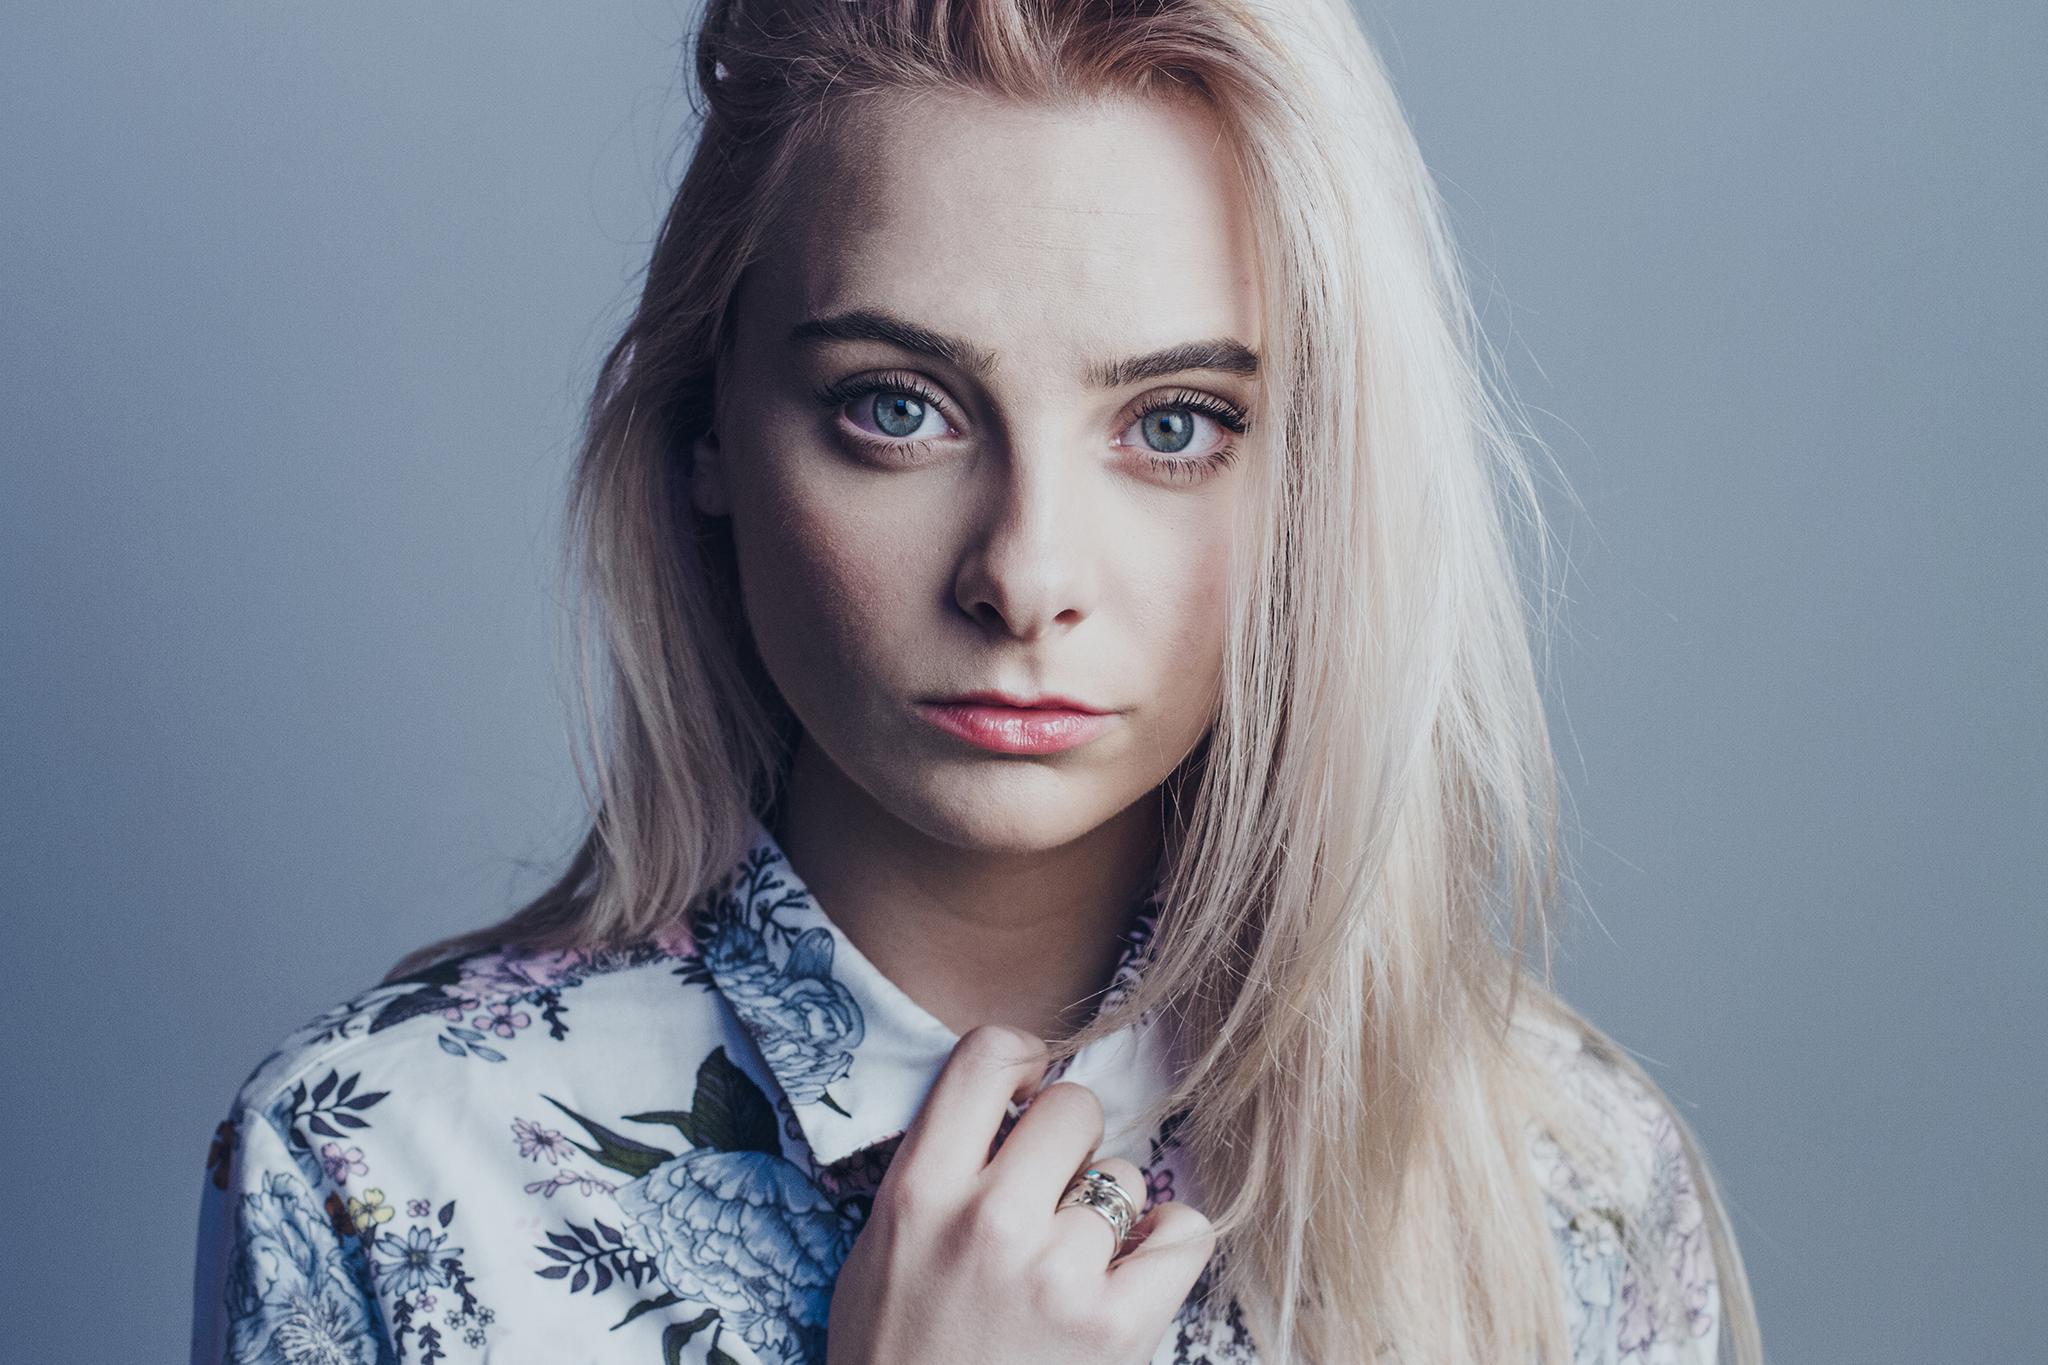 Grace Dwyer by Thomas Sawyer